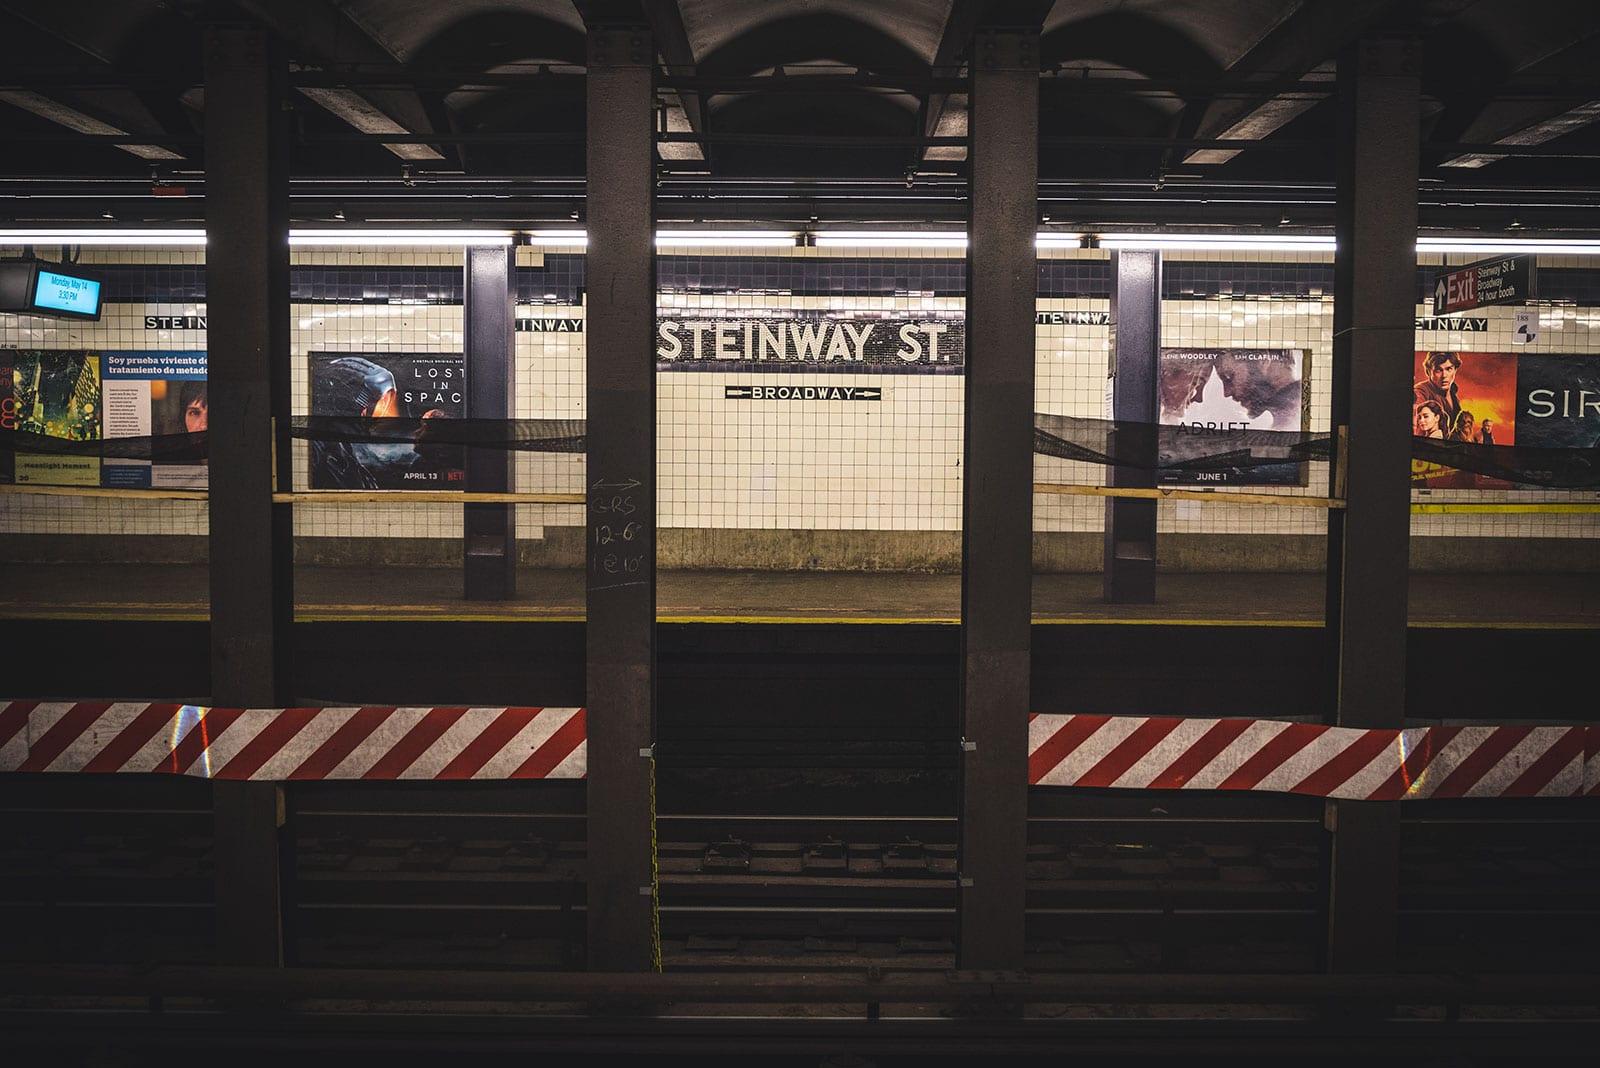 Astoria in Queens